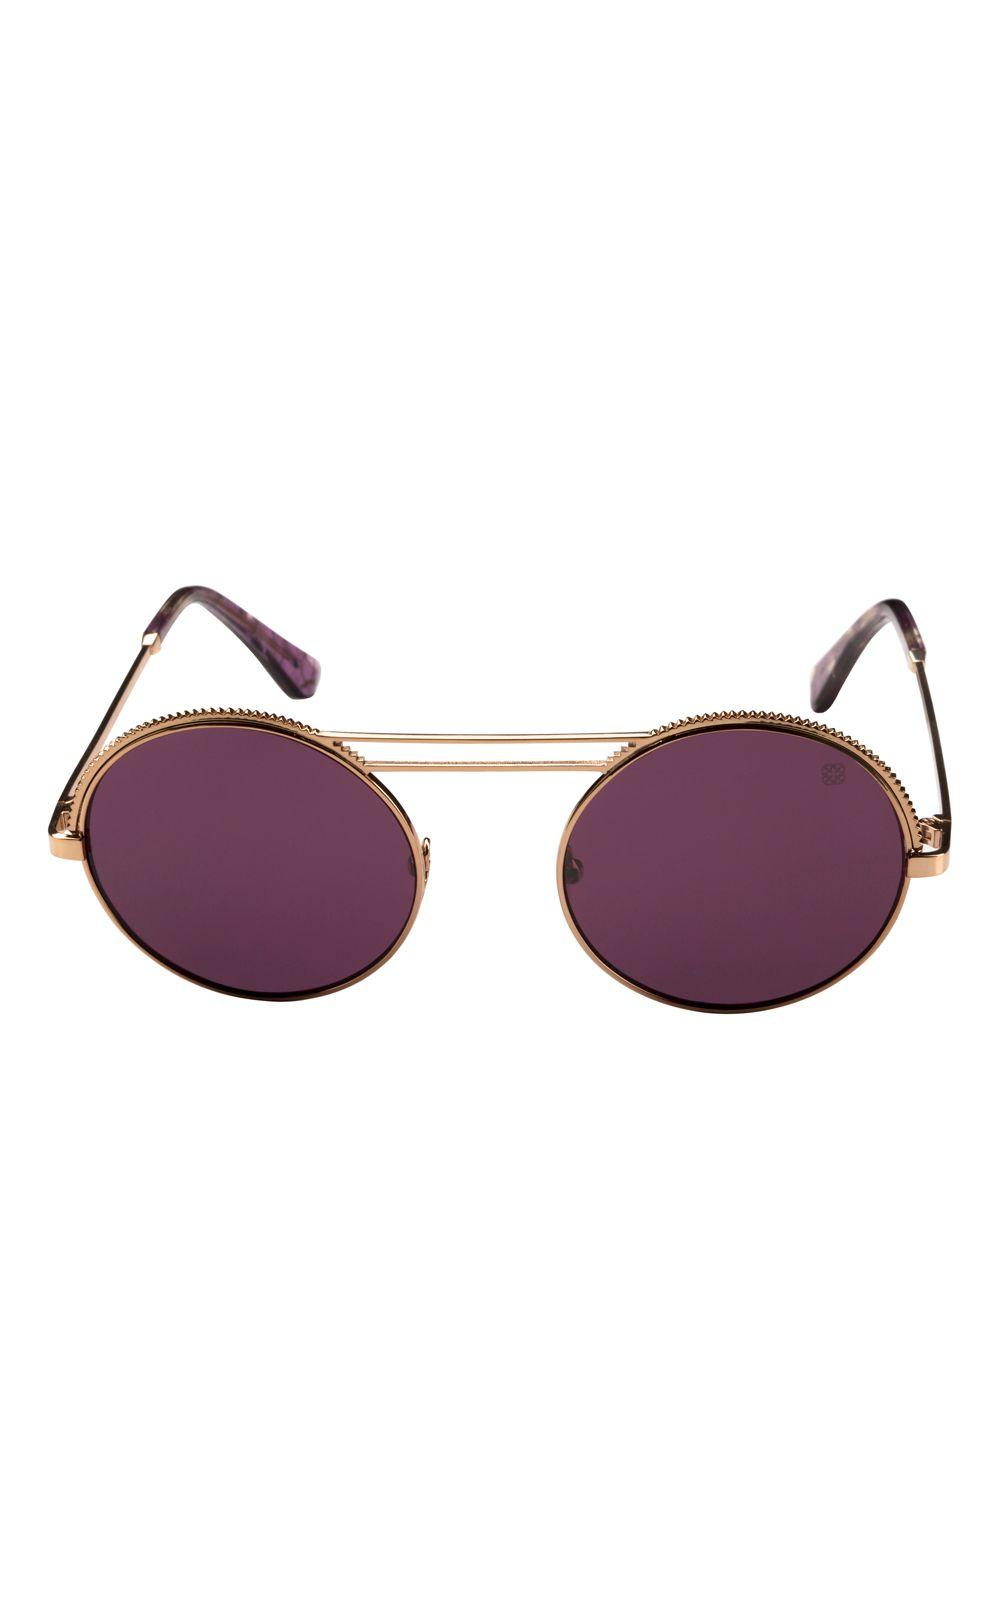 Foto 1 - Óculos Euro Retrô Glam Rosé E0042E1014/4G